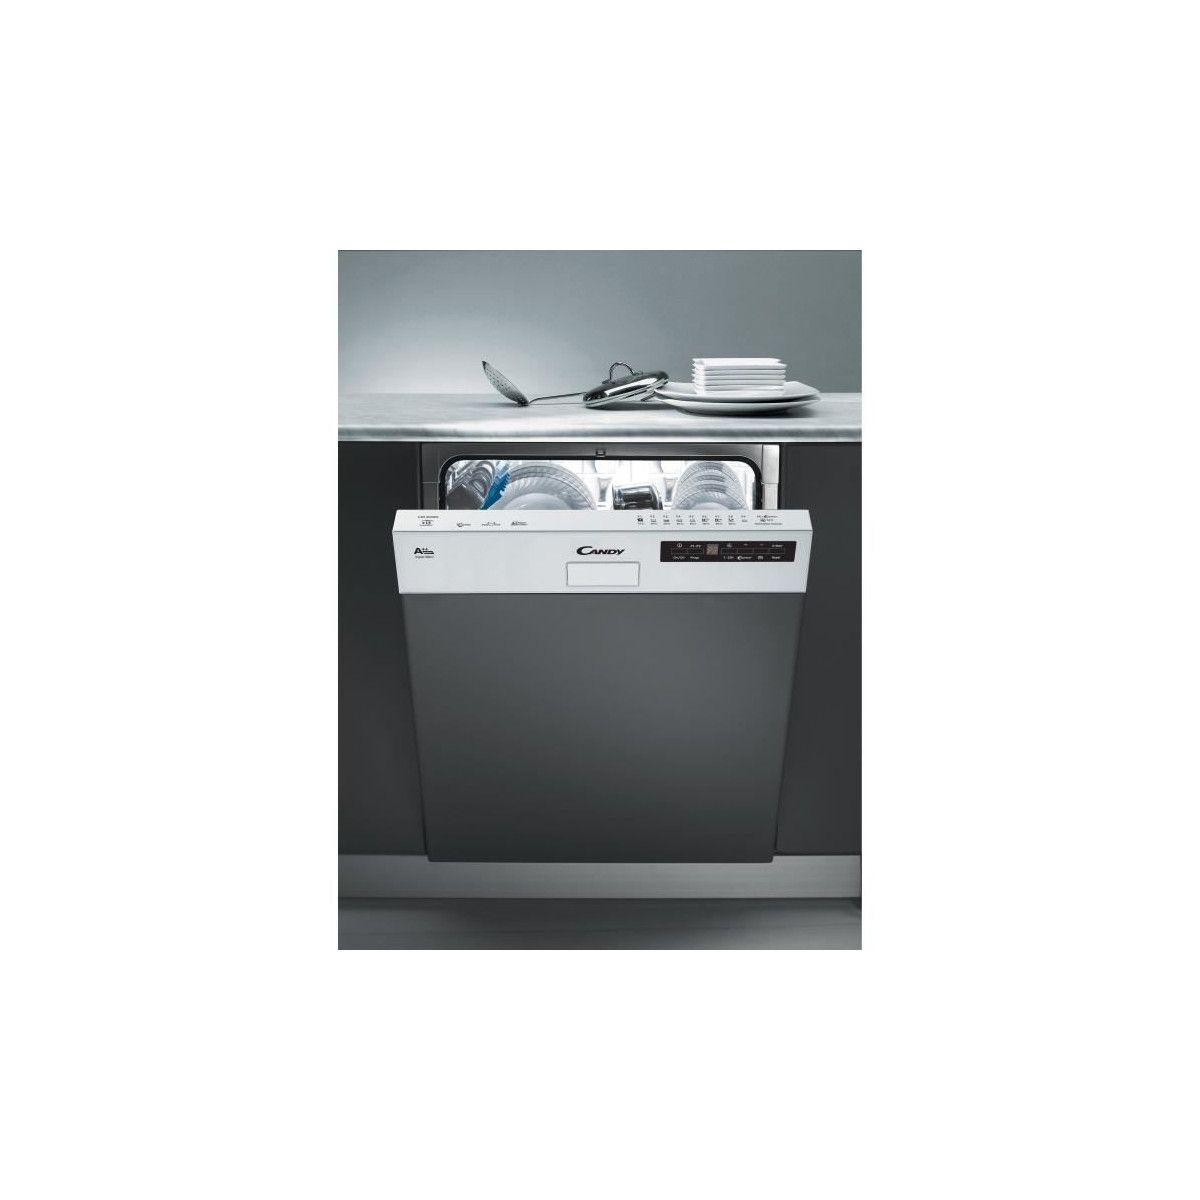 détaillant en ligne 7211a 4442d CANDY CDS2D35W - Lave vaisselle encastrable - 13 couverts - 46 dB - A++ -  Larg 60 cm - Bandeau blanc